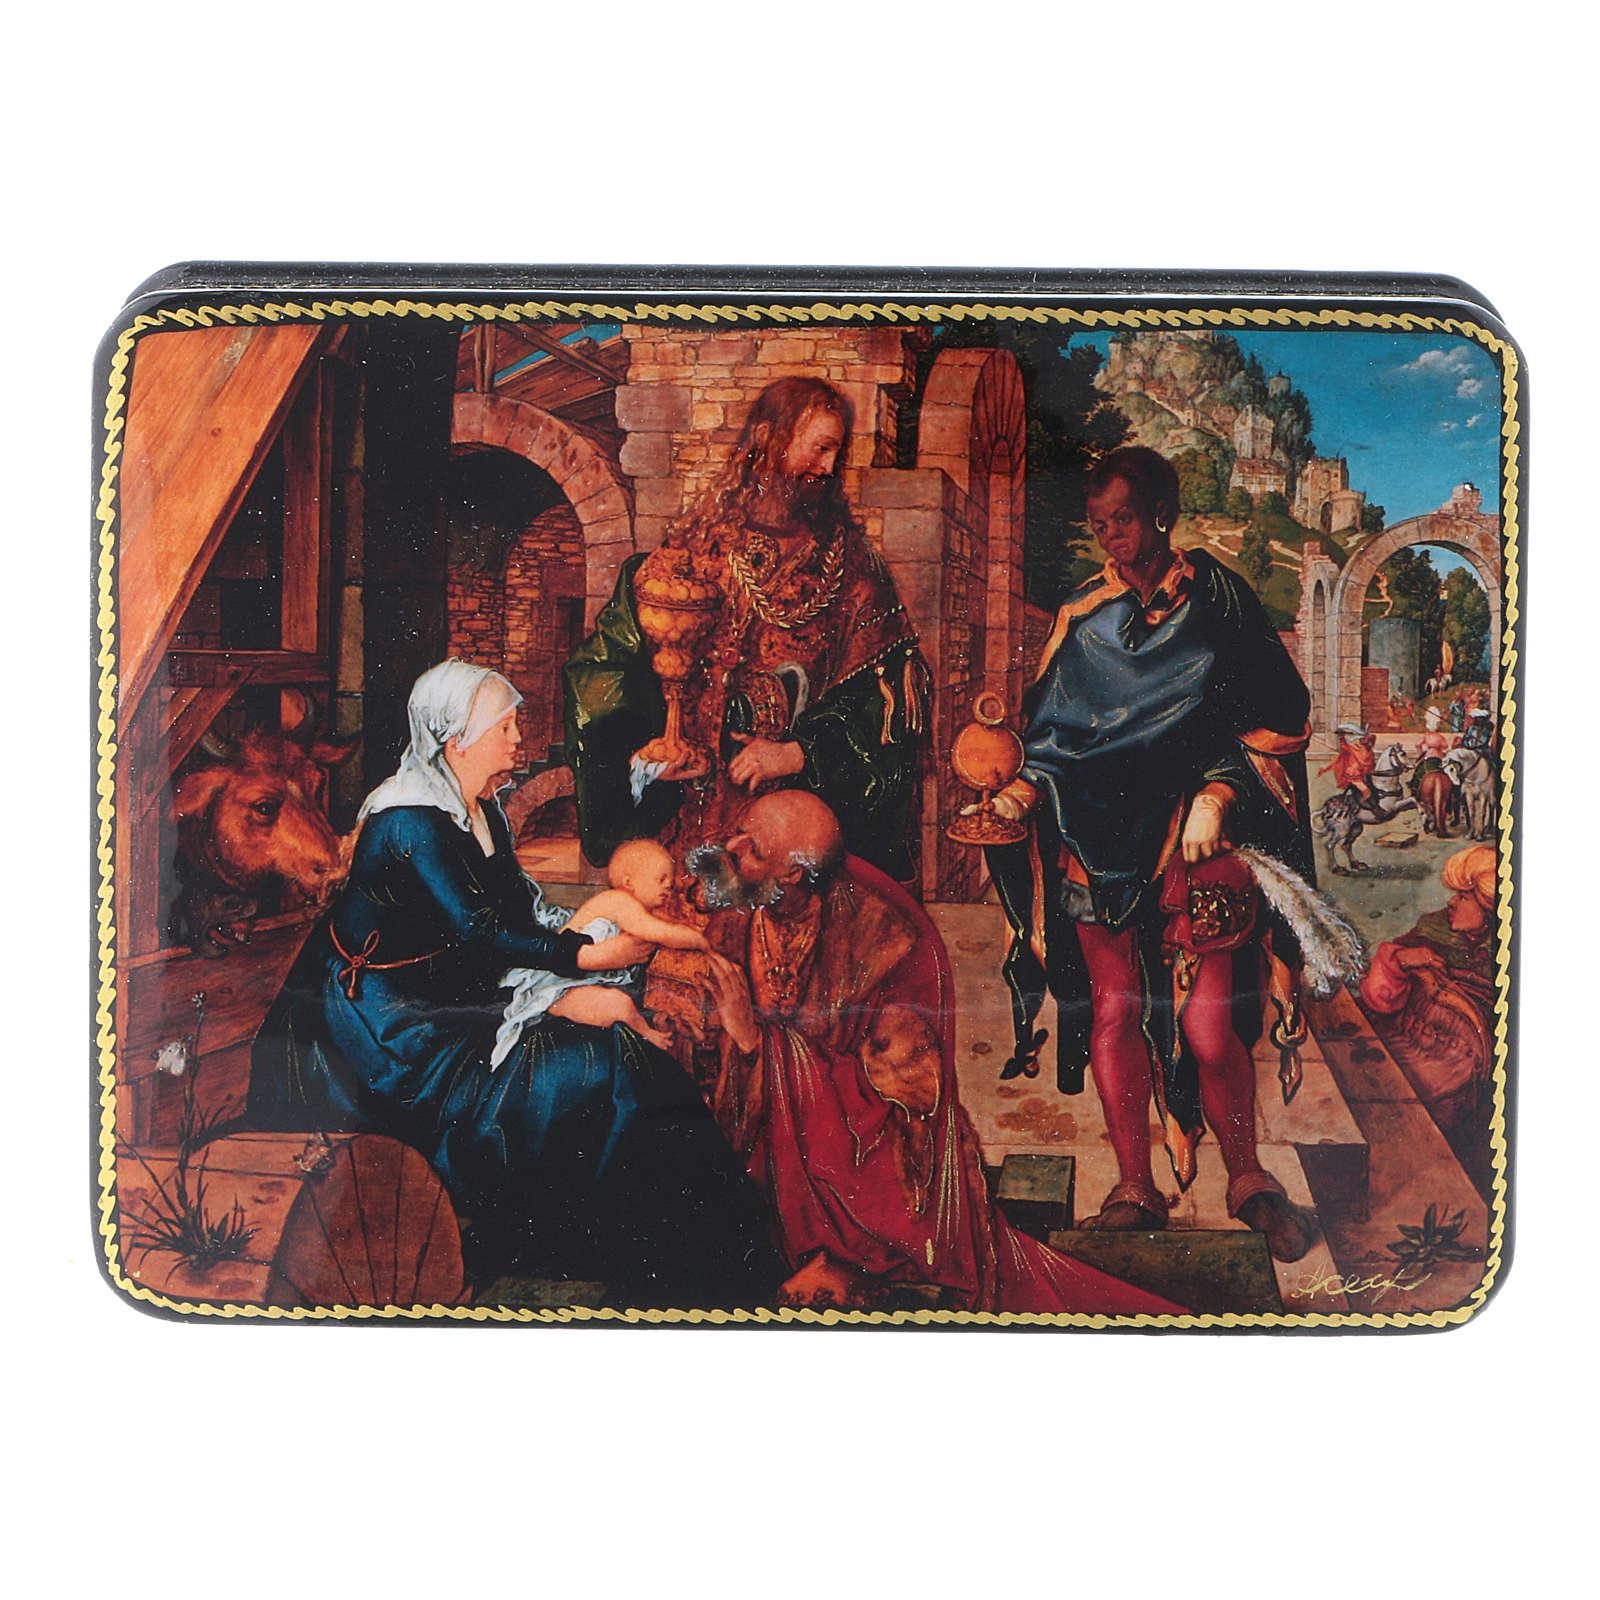 Scatola russa cartapesta Adorazione dei Magi Dürer Fedoskino style 15x11 4